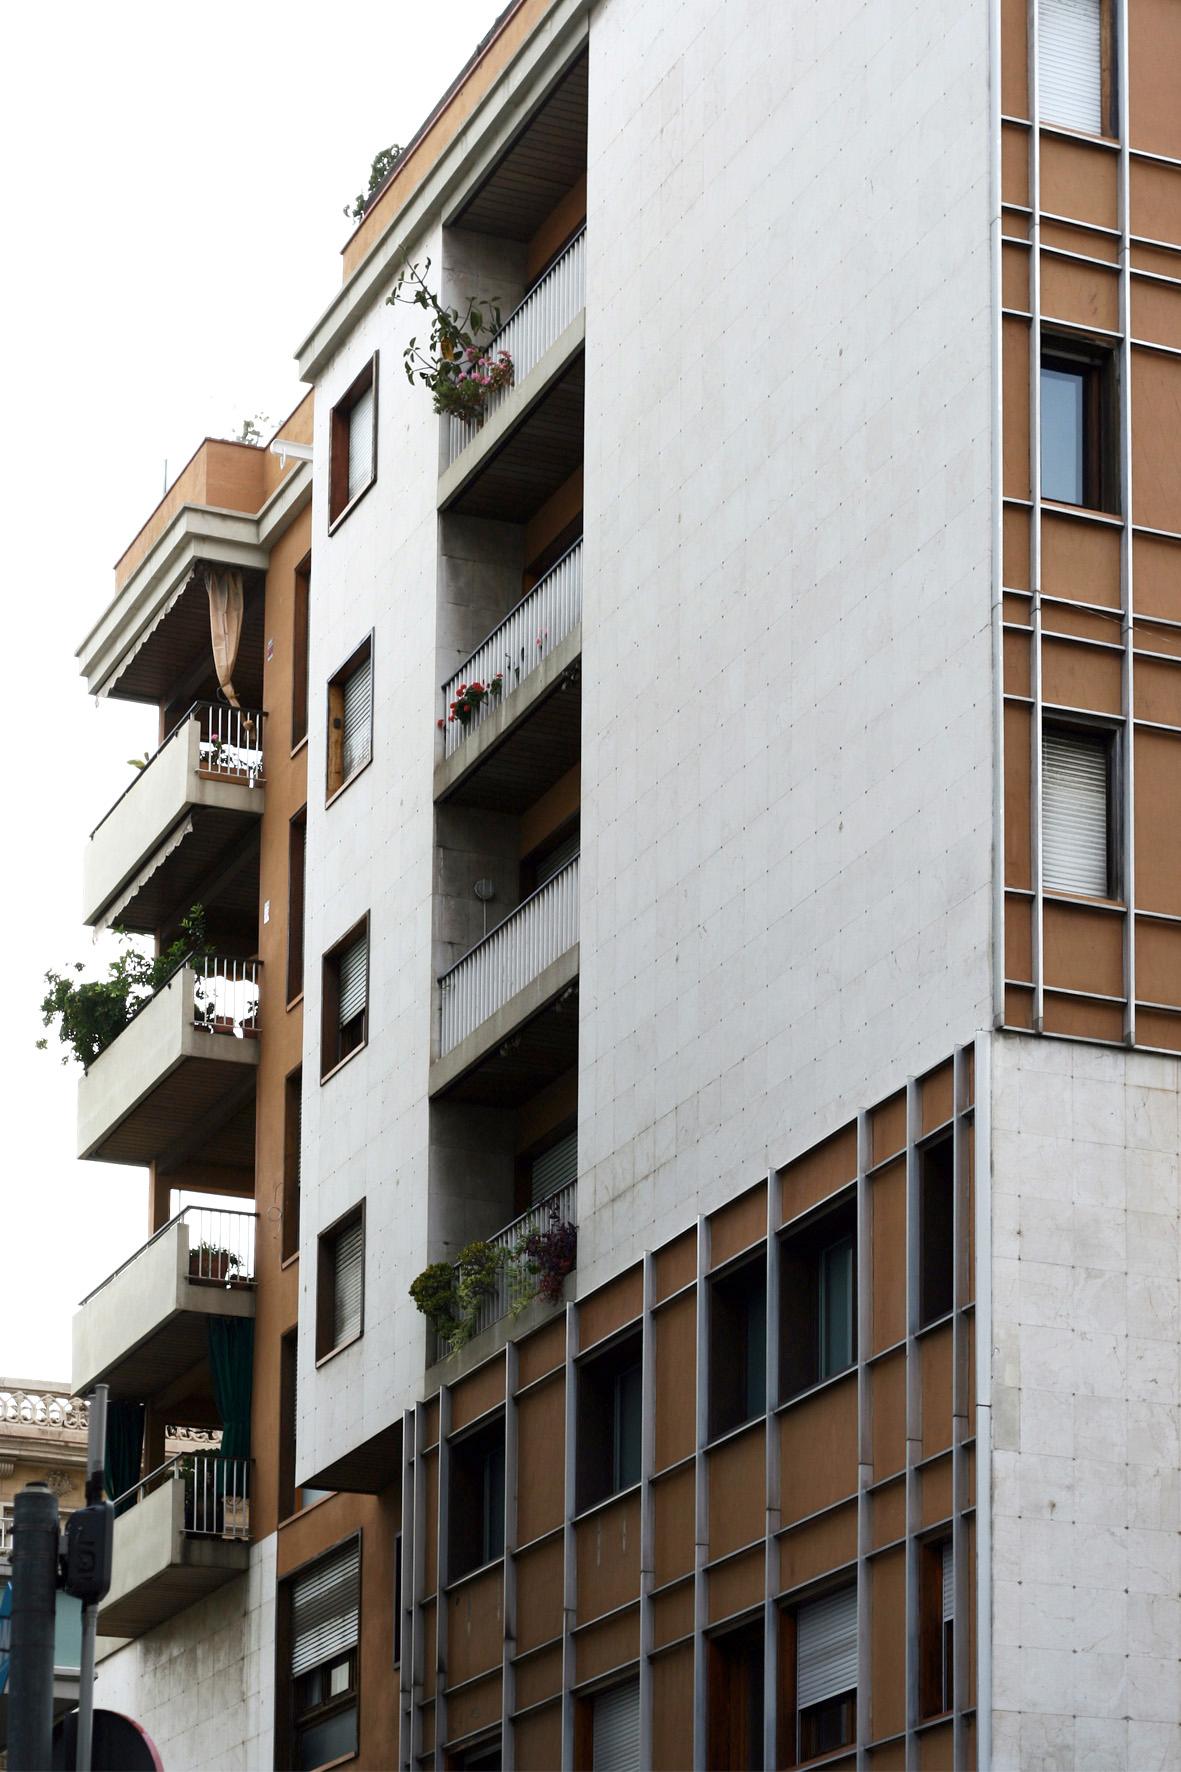 barcelona_17 - copie.jpg